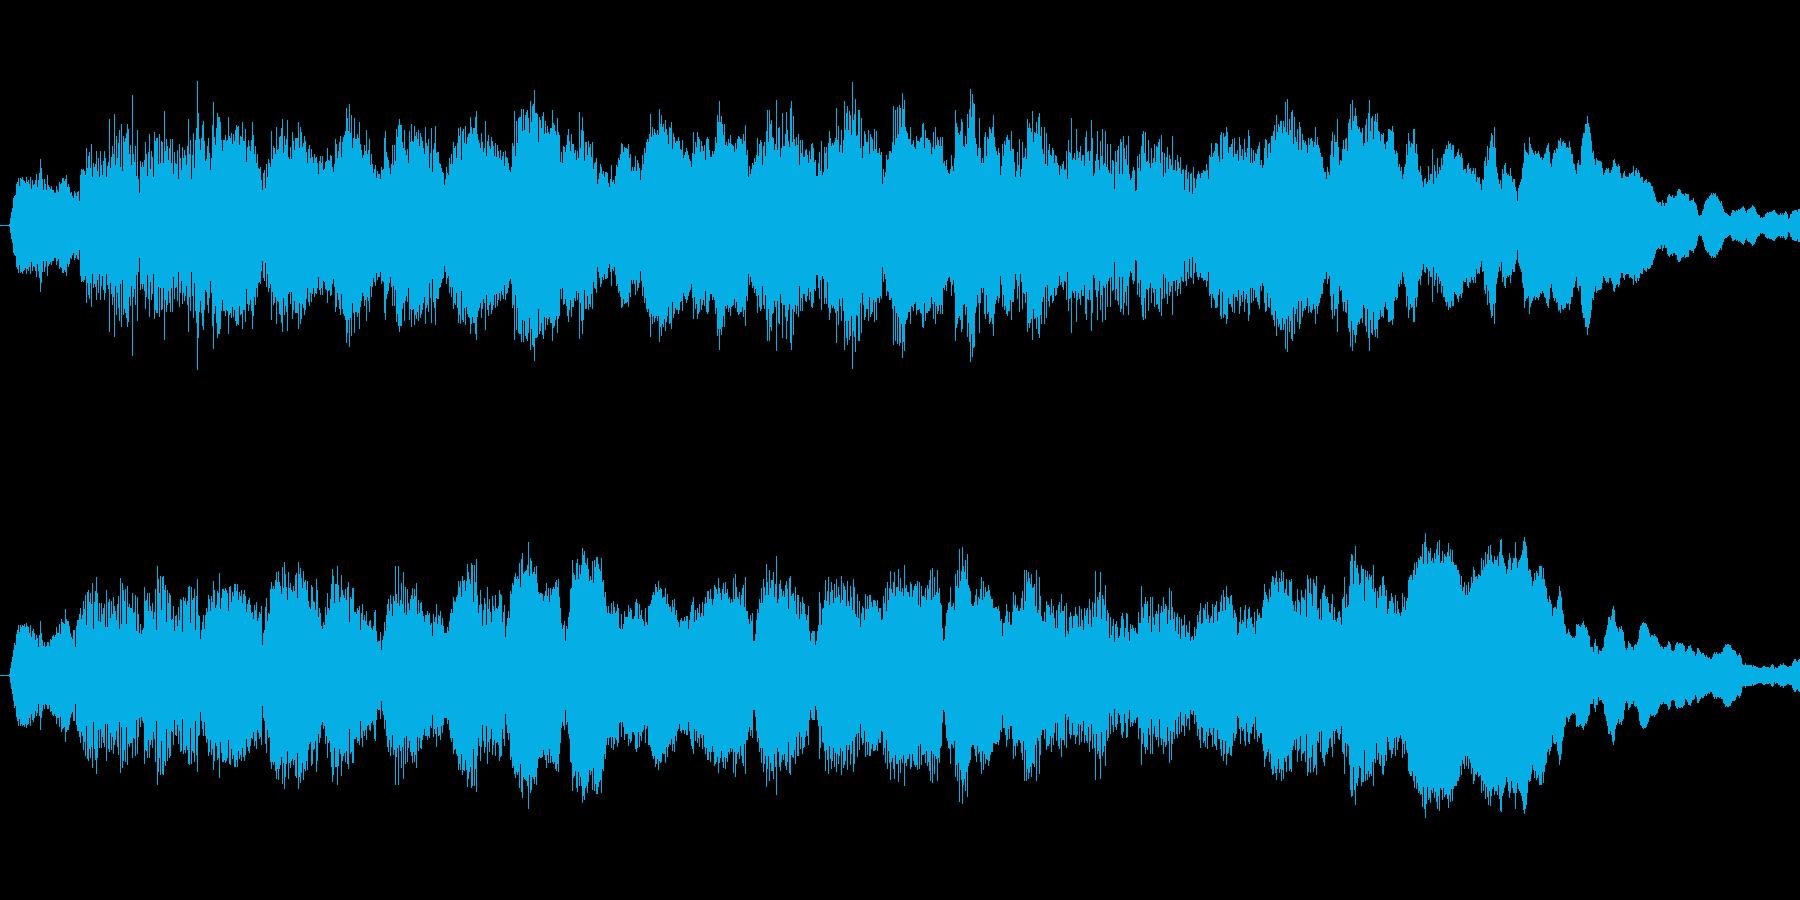 駅のホームのキラキラ音チャイムの再生済みの波形